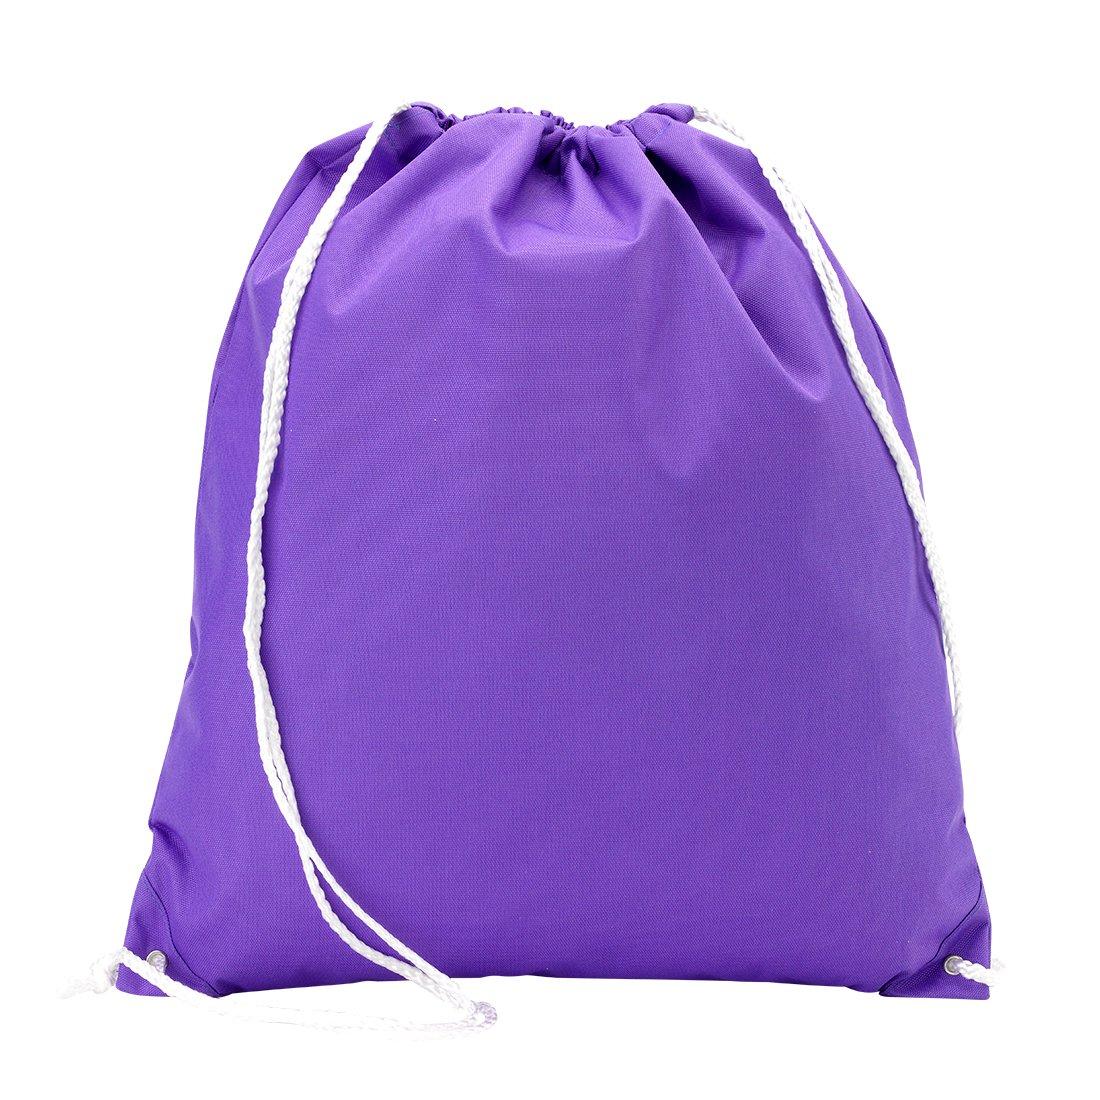 卸売ブティックバックパックスタイル巾着フィットネスバッグ純粋な紫色